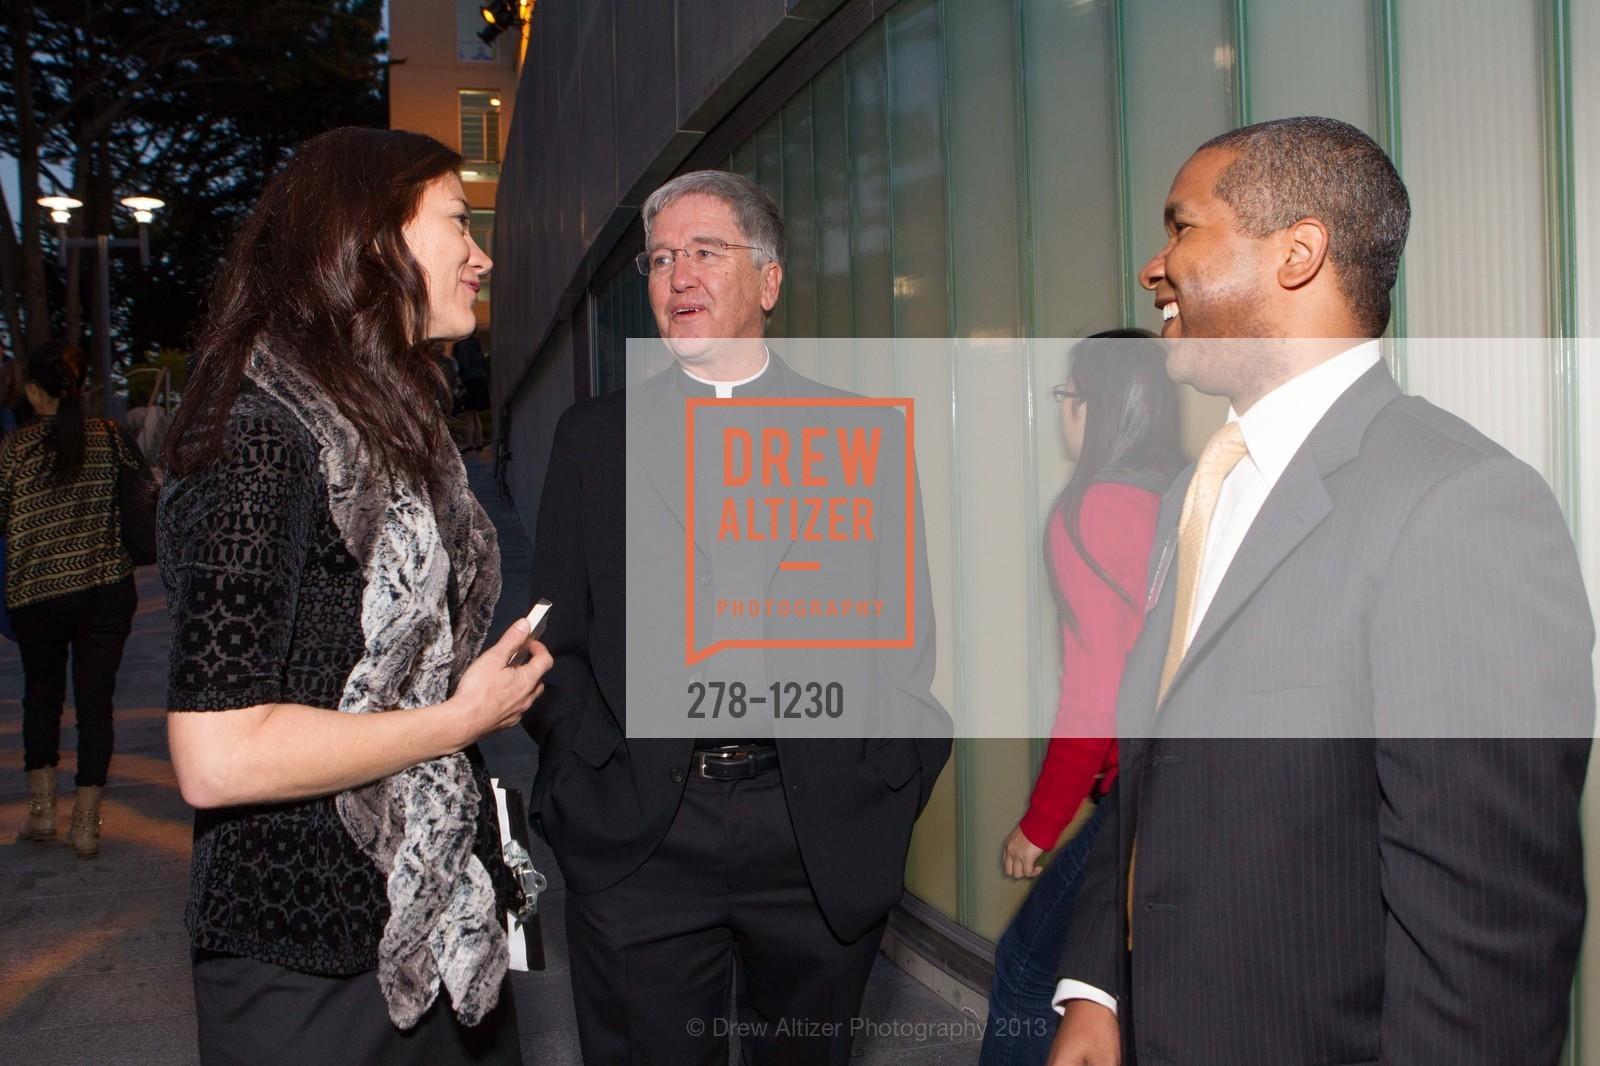 Michelle Sklar, John Koeplin, Preston Walton, Photo #278-1230